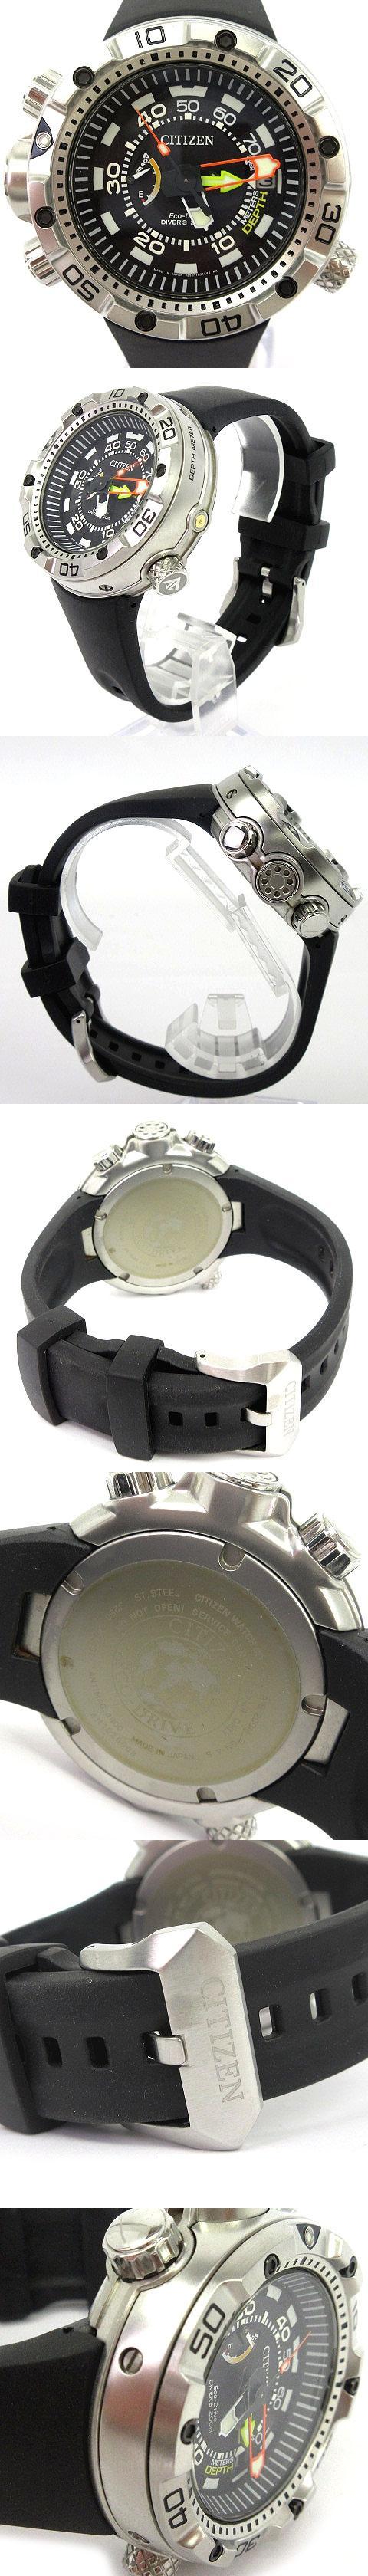 プロマスター アクアランド エコドライブ ダイバーズ ウォッチ クォーツ ラバー SS 腕時計 J250-S092191 シルバー ブラック 黒